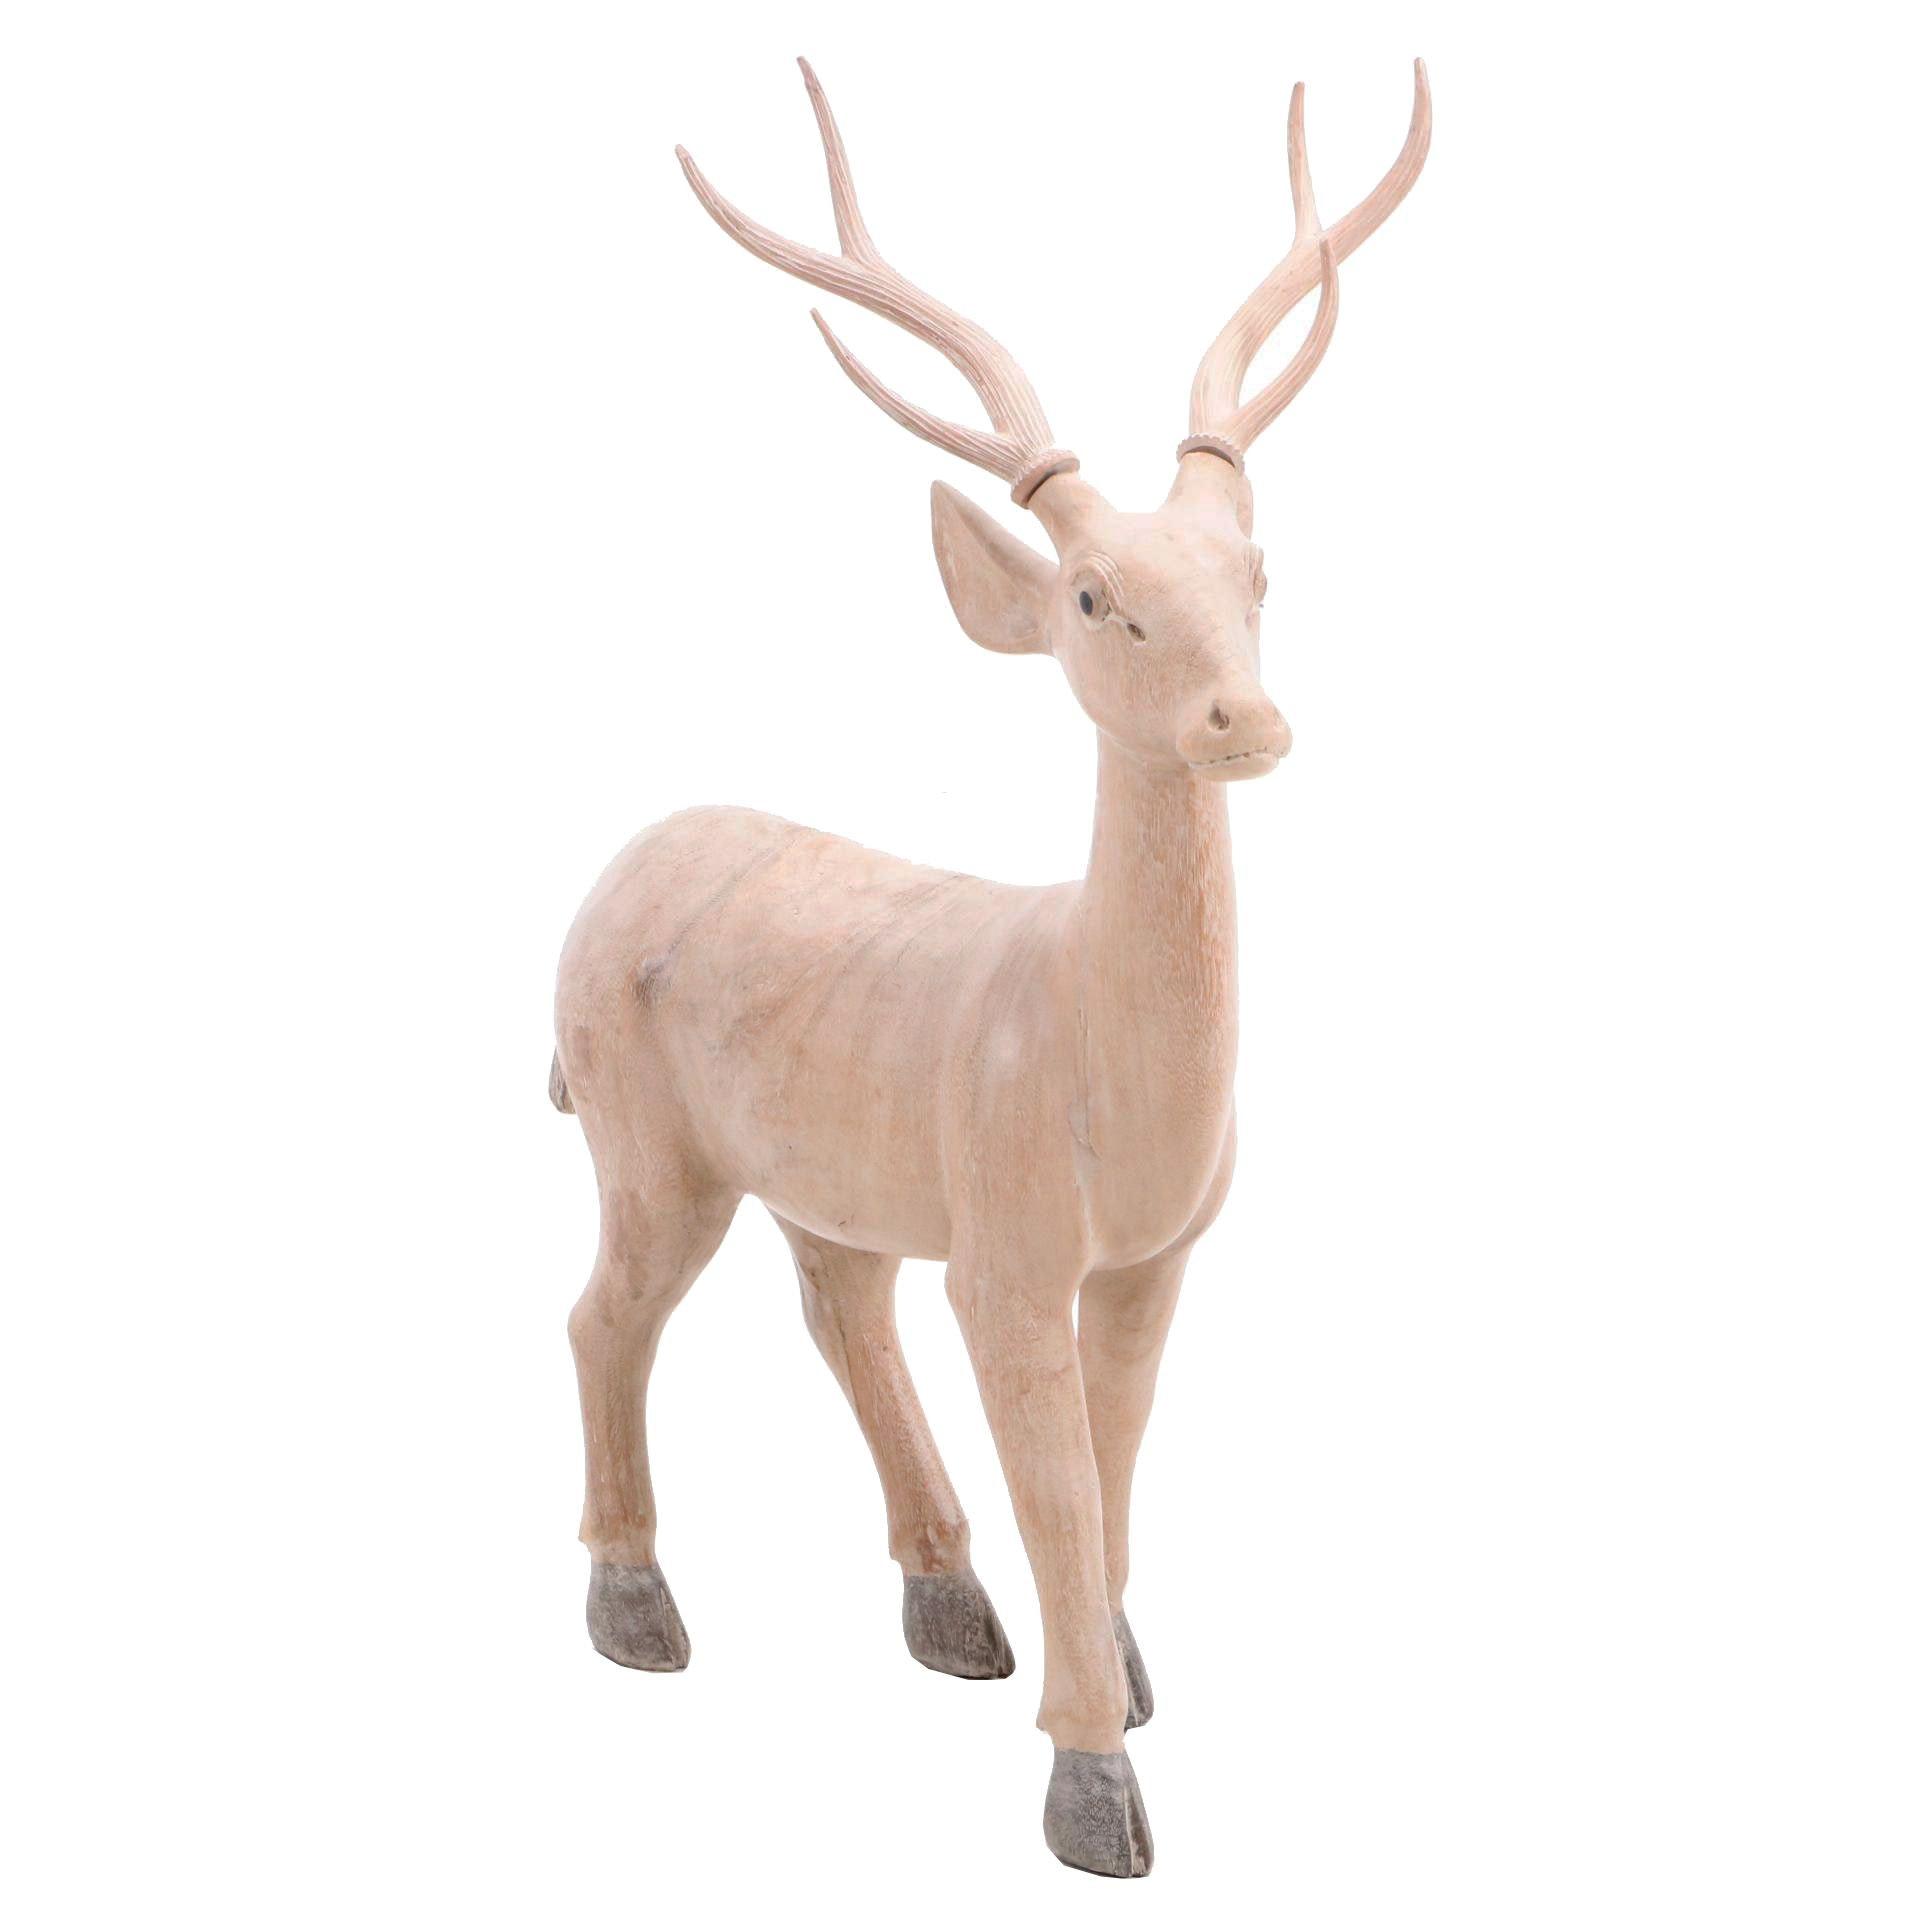 Painted Reindeer Statuette